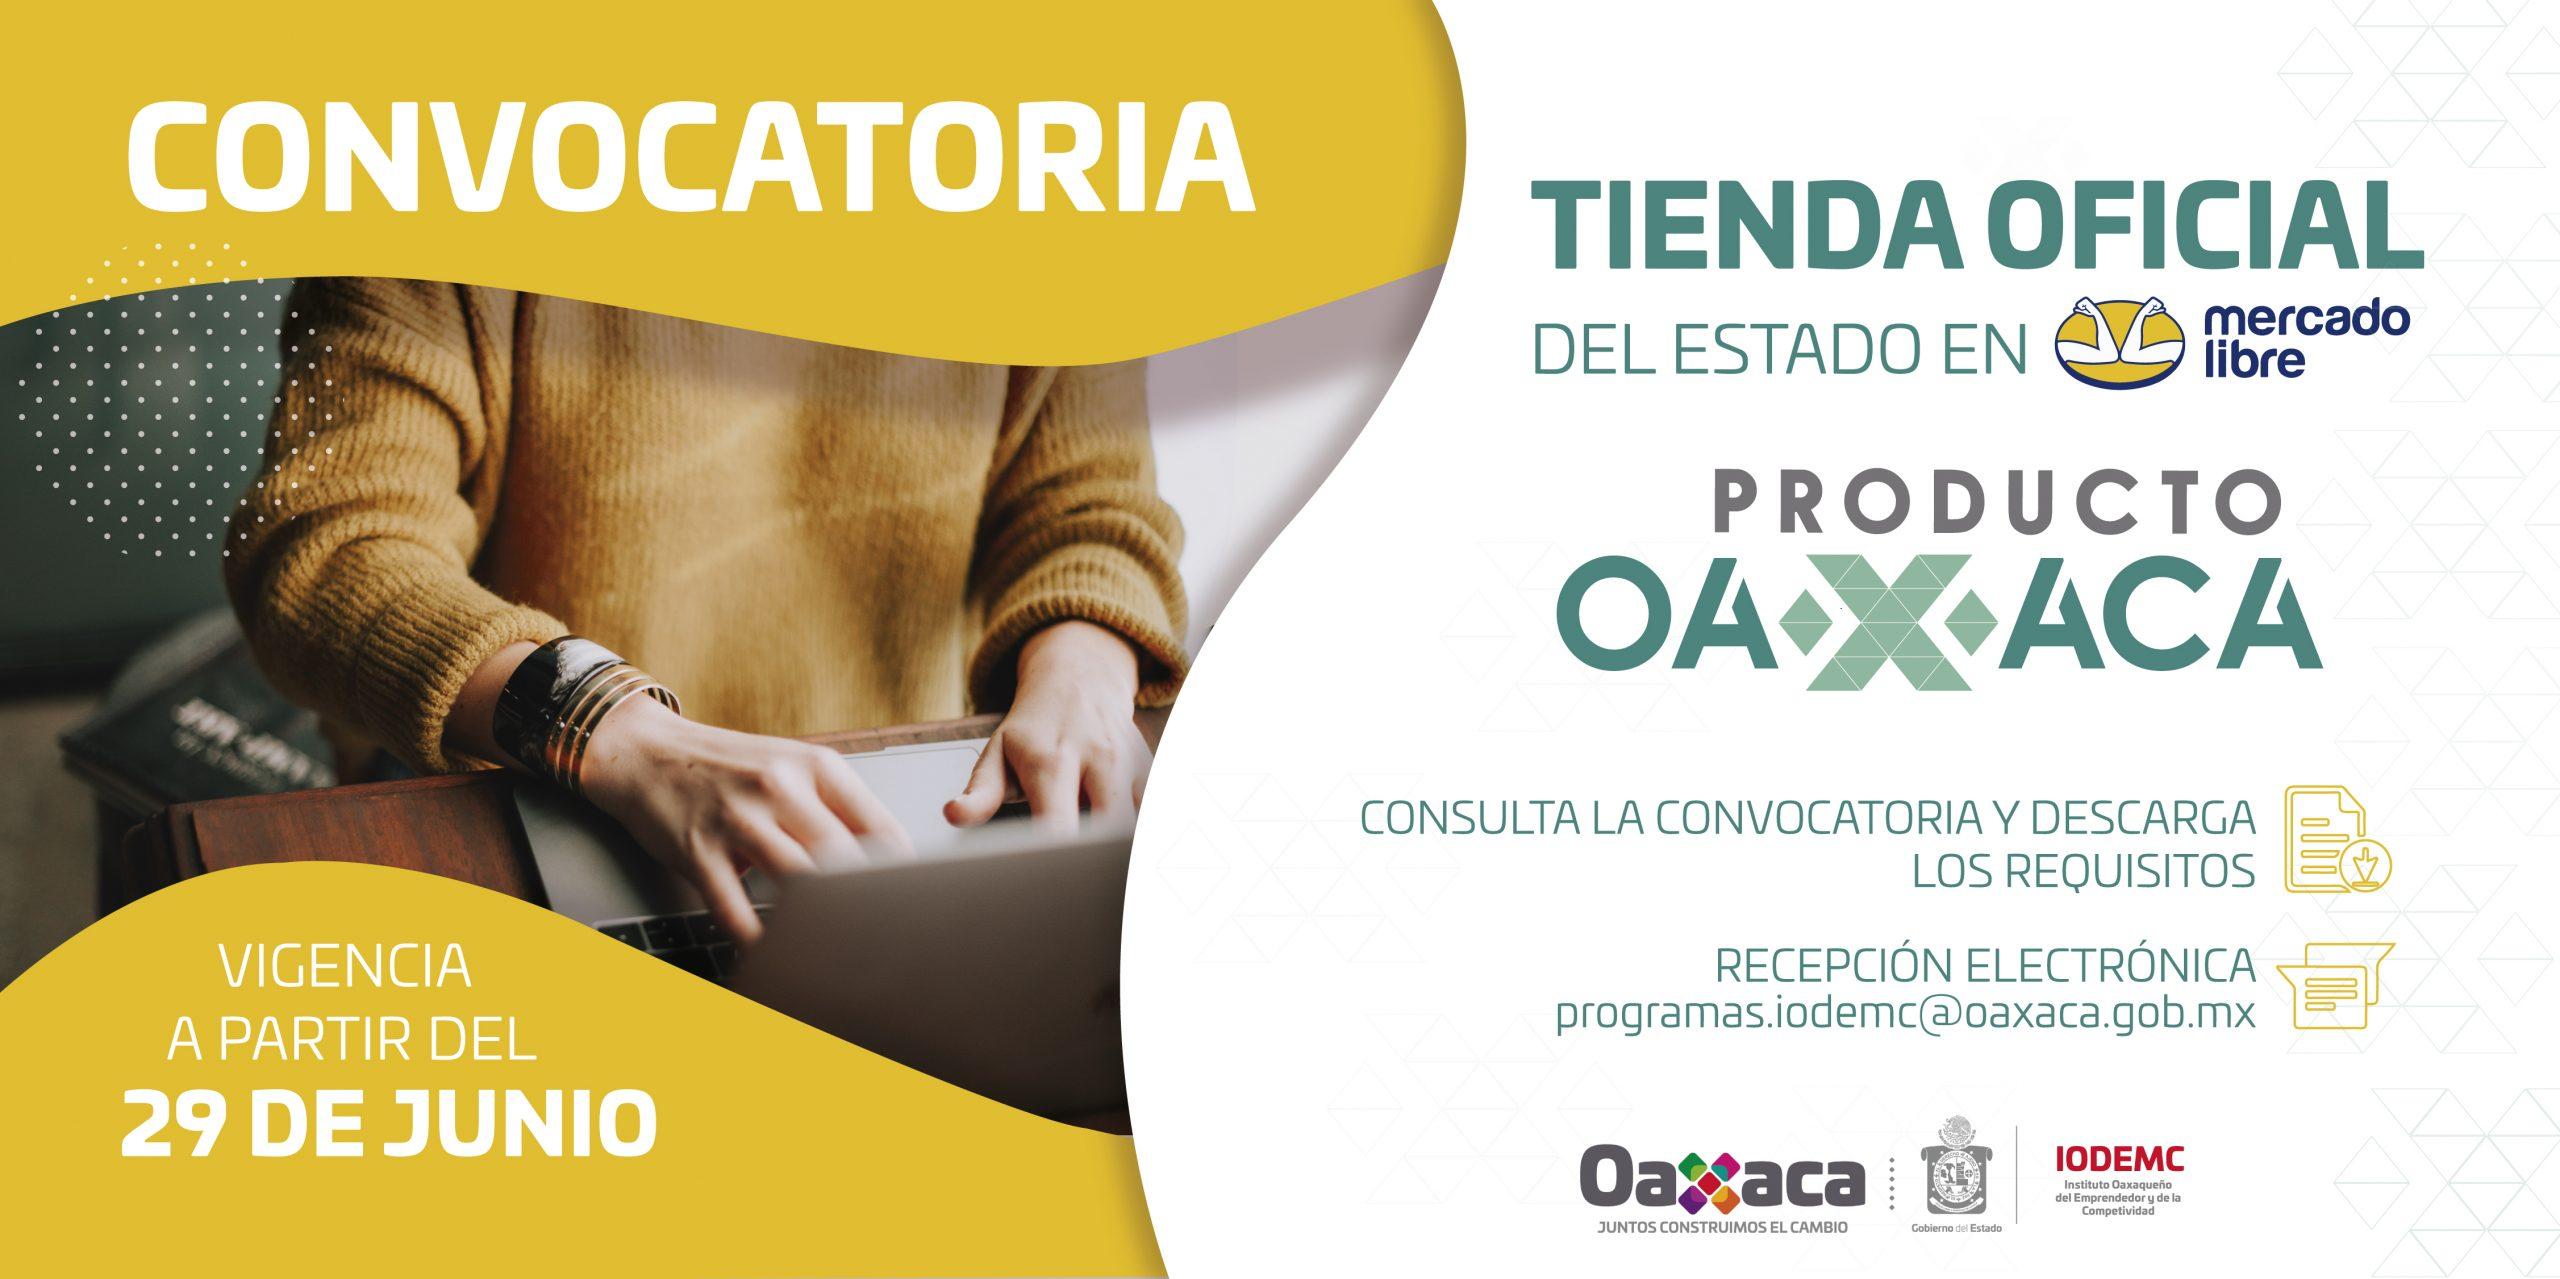 Tienda Oficial – Producto Oaxaca